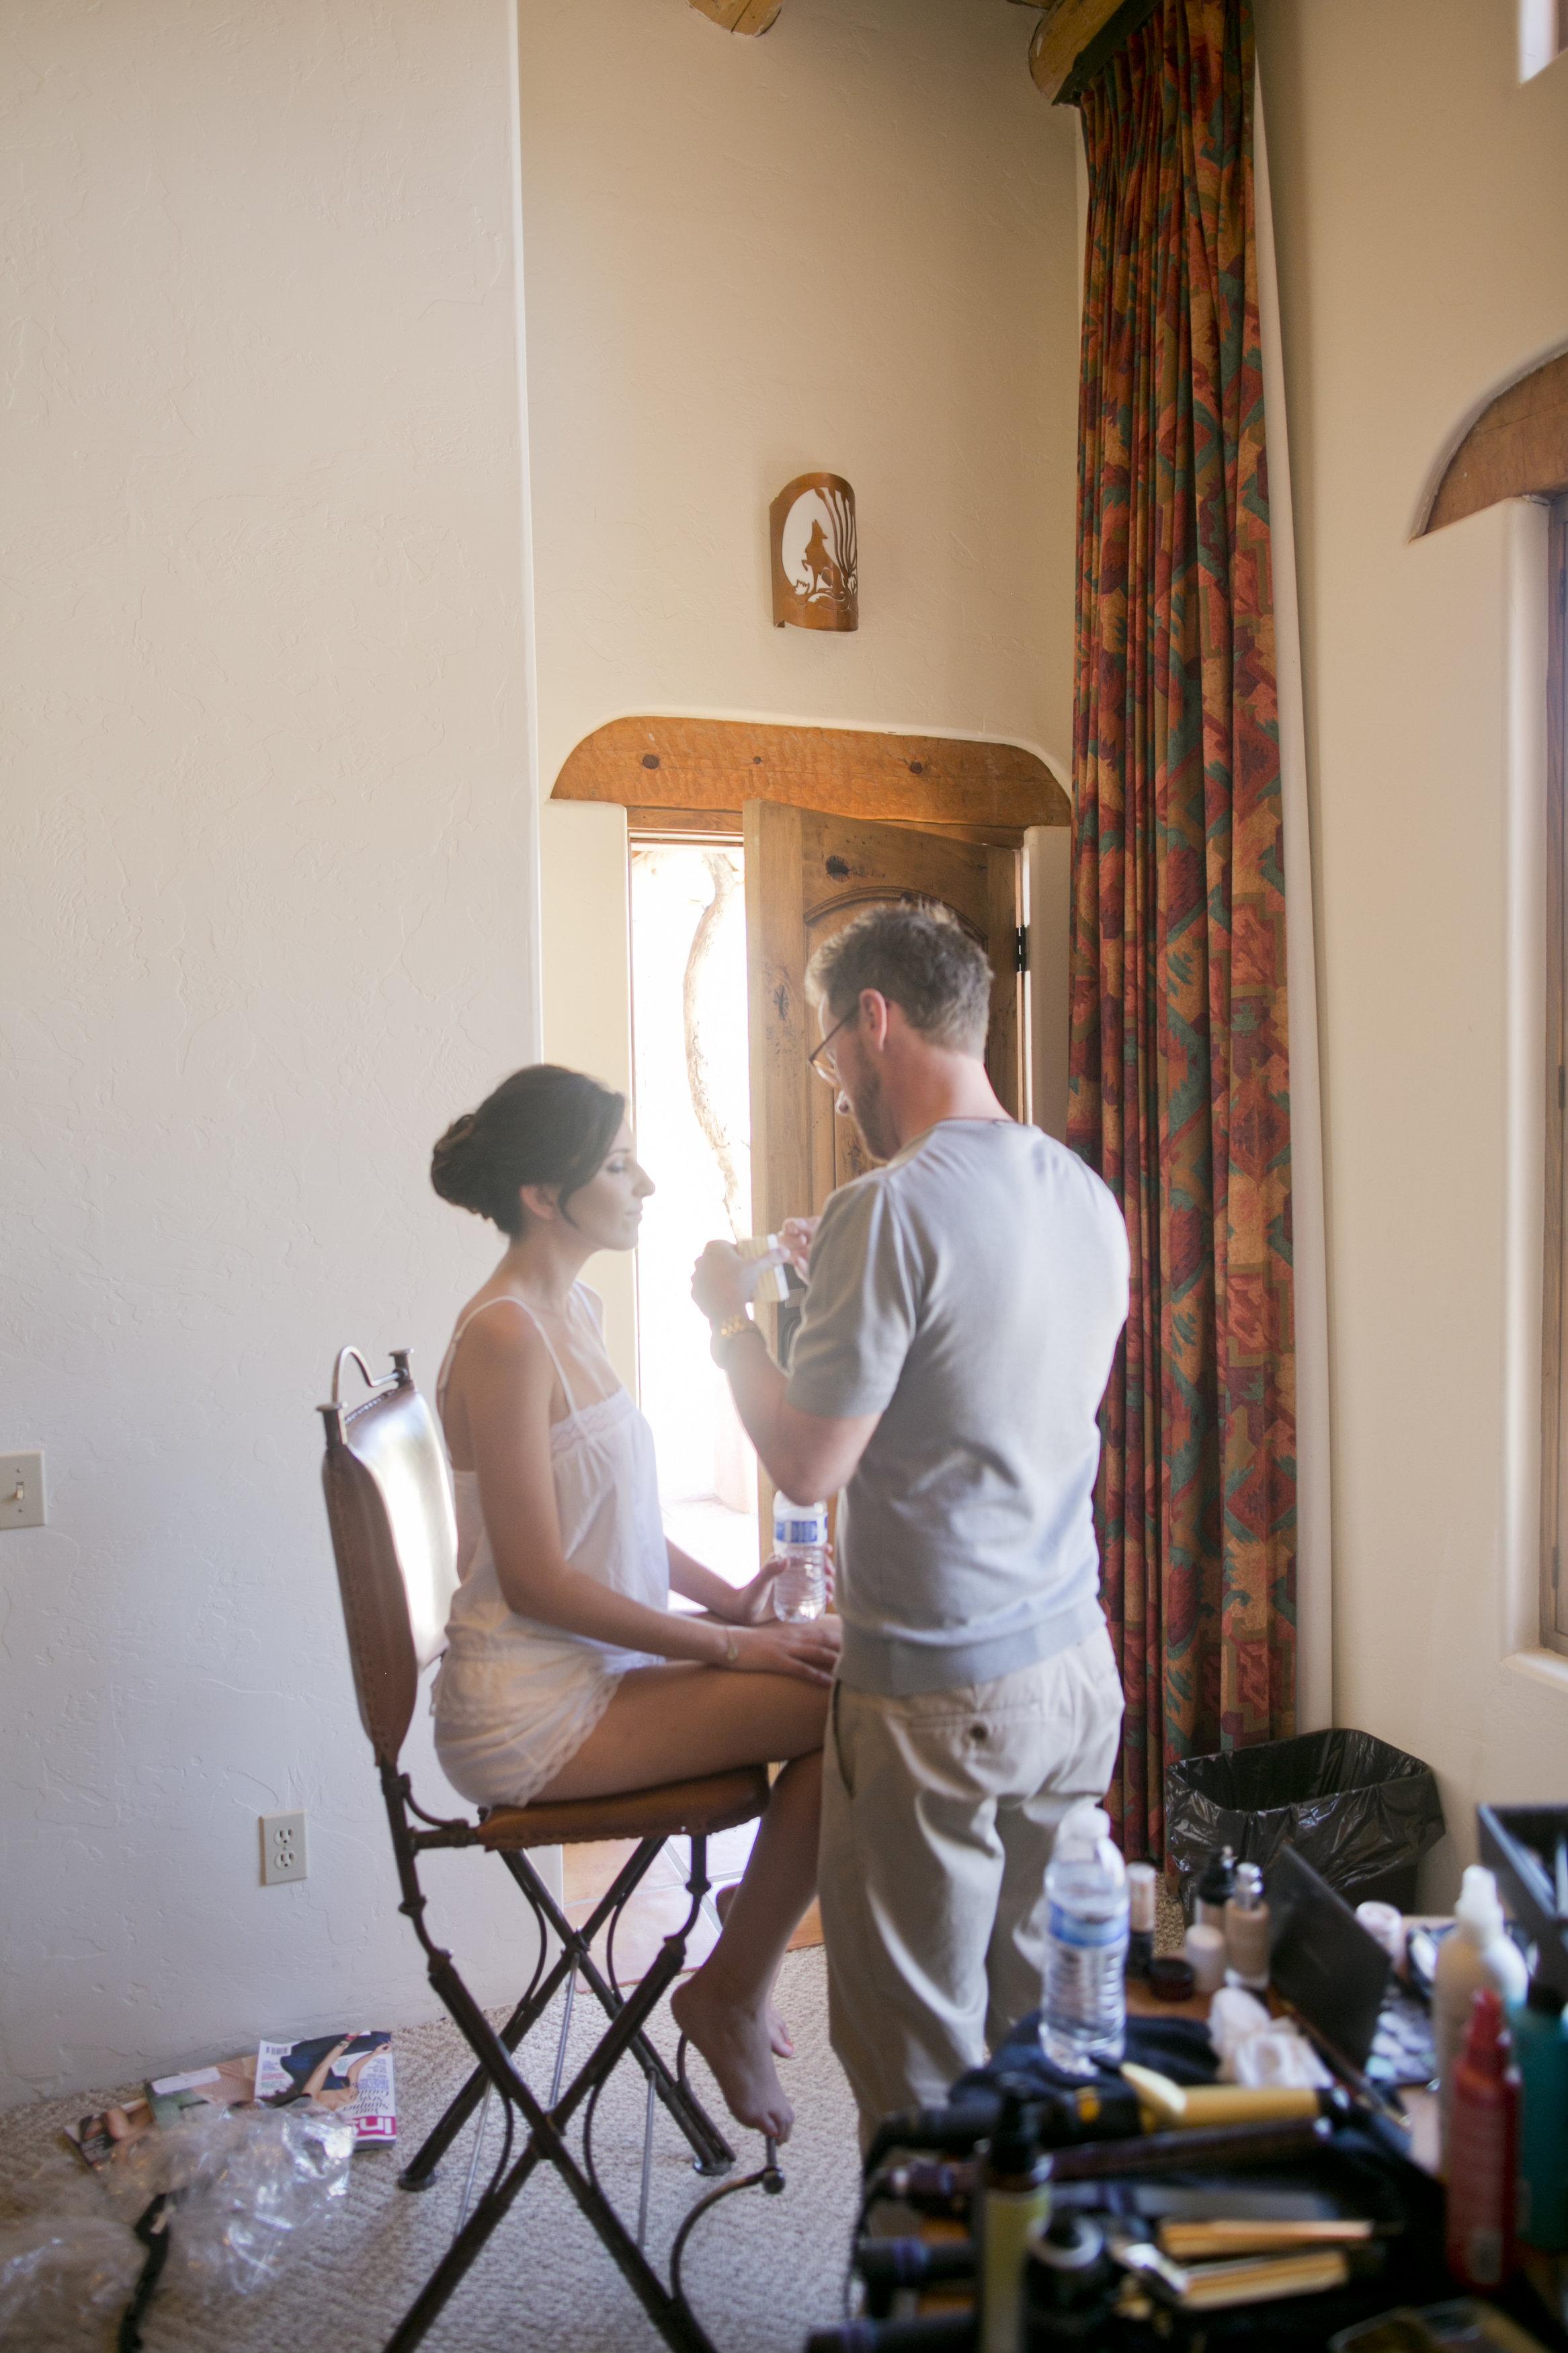 Ceci_New_York_Ceci_Style_Ceci_Johnson_Luxury_Lifestyle_Arizona_Wedding_Watercolor_Inspiration_Design_Custom_Couture_Personalized_Invitations_27.jpg